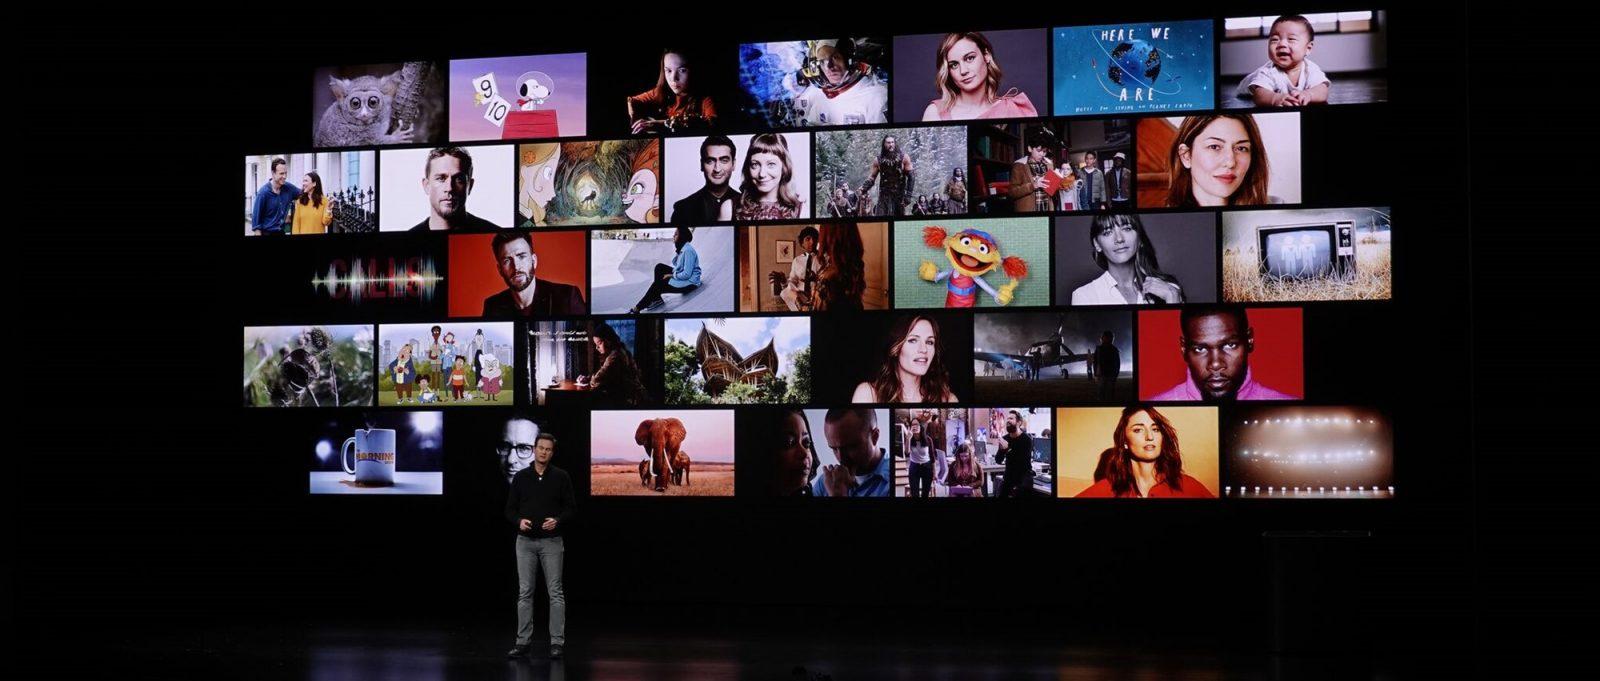 Новый стриминговый сервис Apple заработает уже в мае